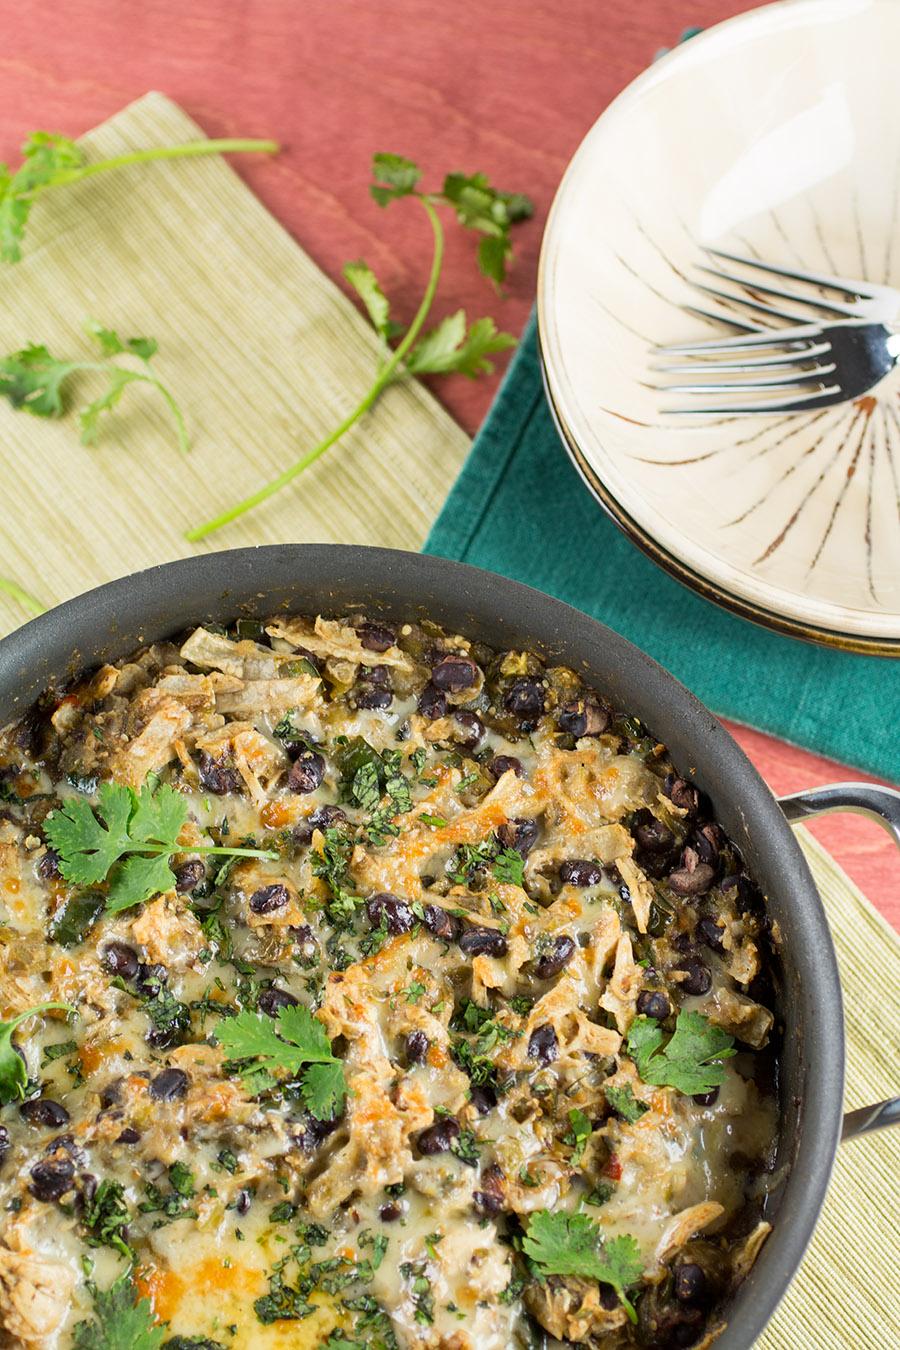 Chicken Enchilada Casserole Verde Recipe Chili Pepper